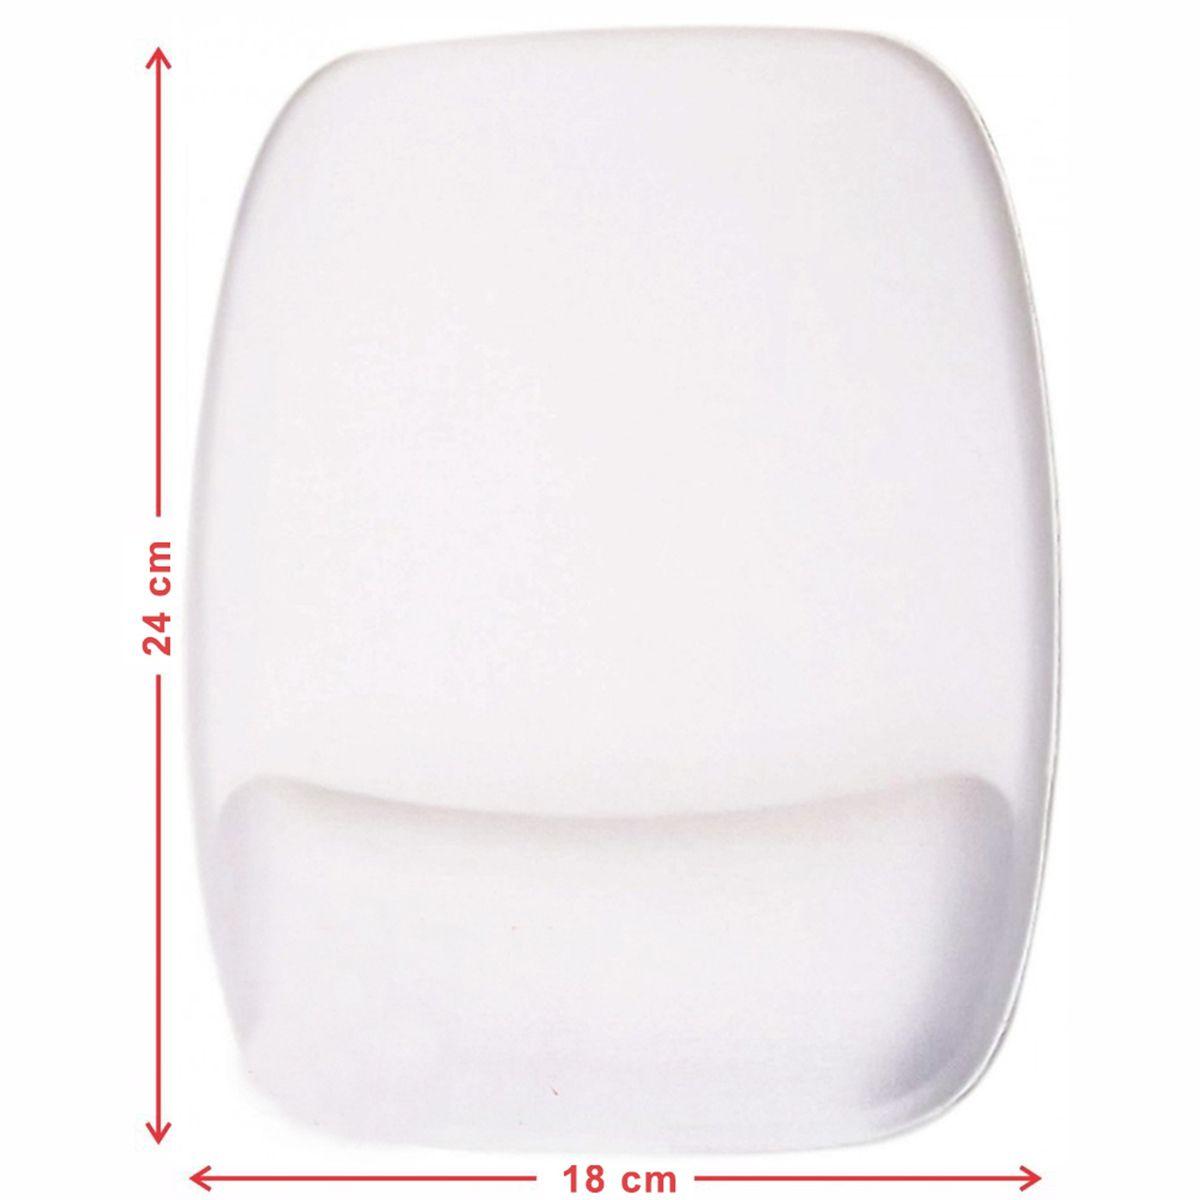 Mouse Pad com Apoio Retangular Ergonômico liso para Personalizar por Sublimação